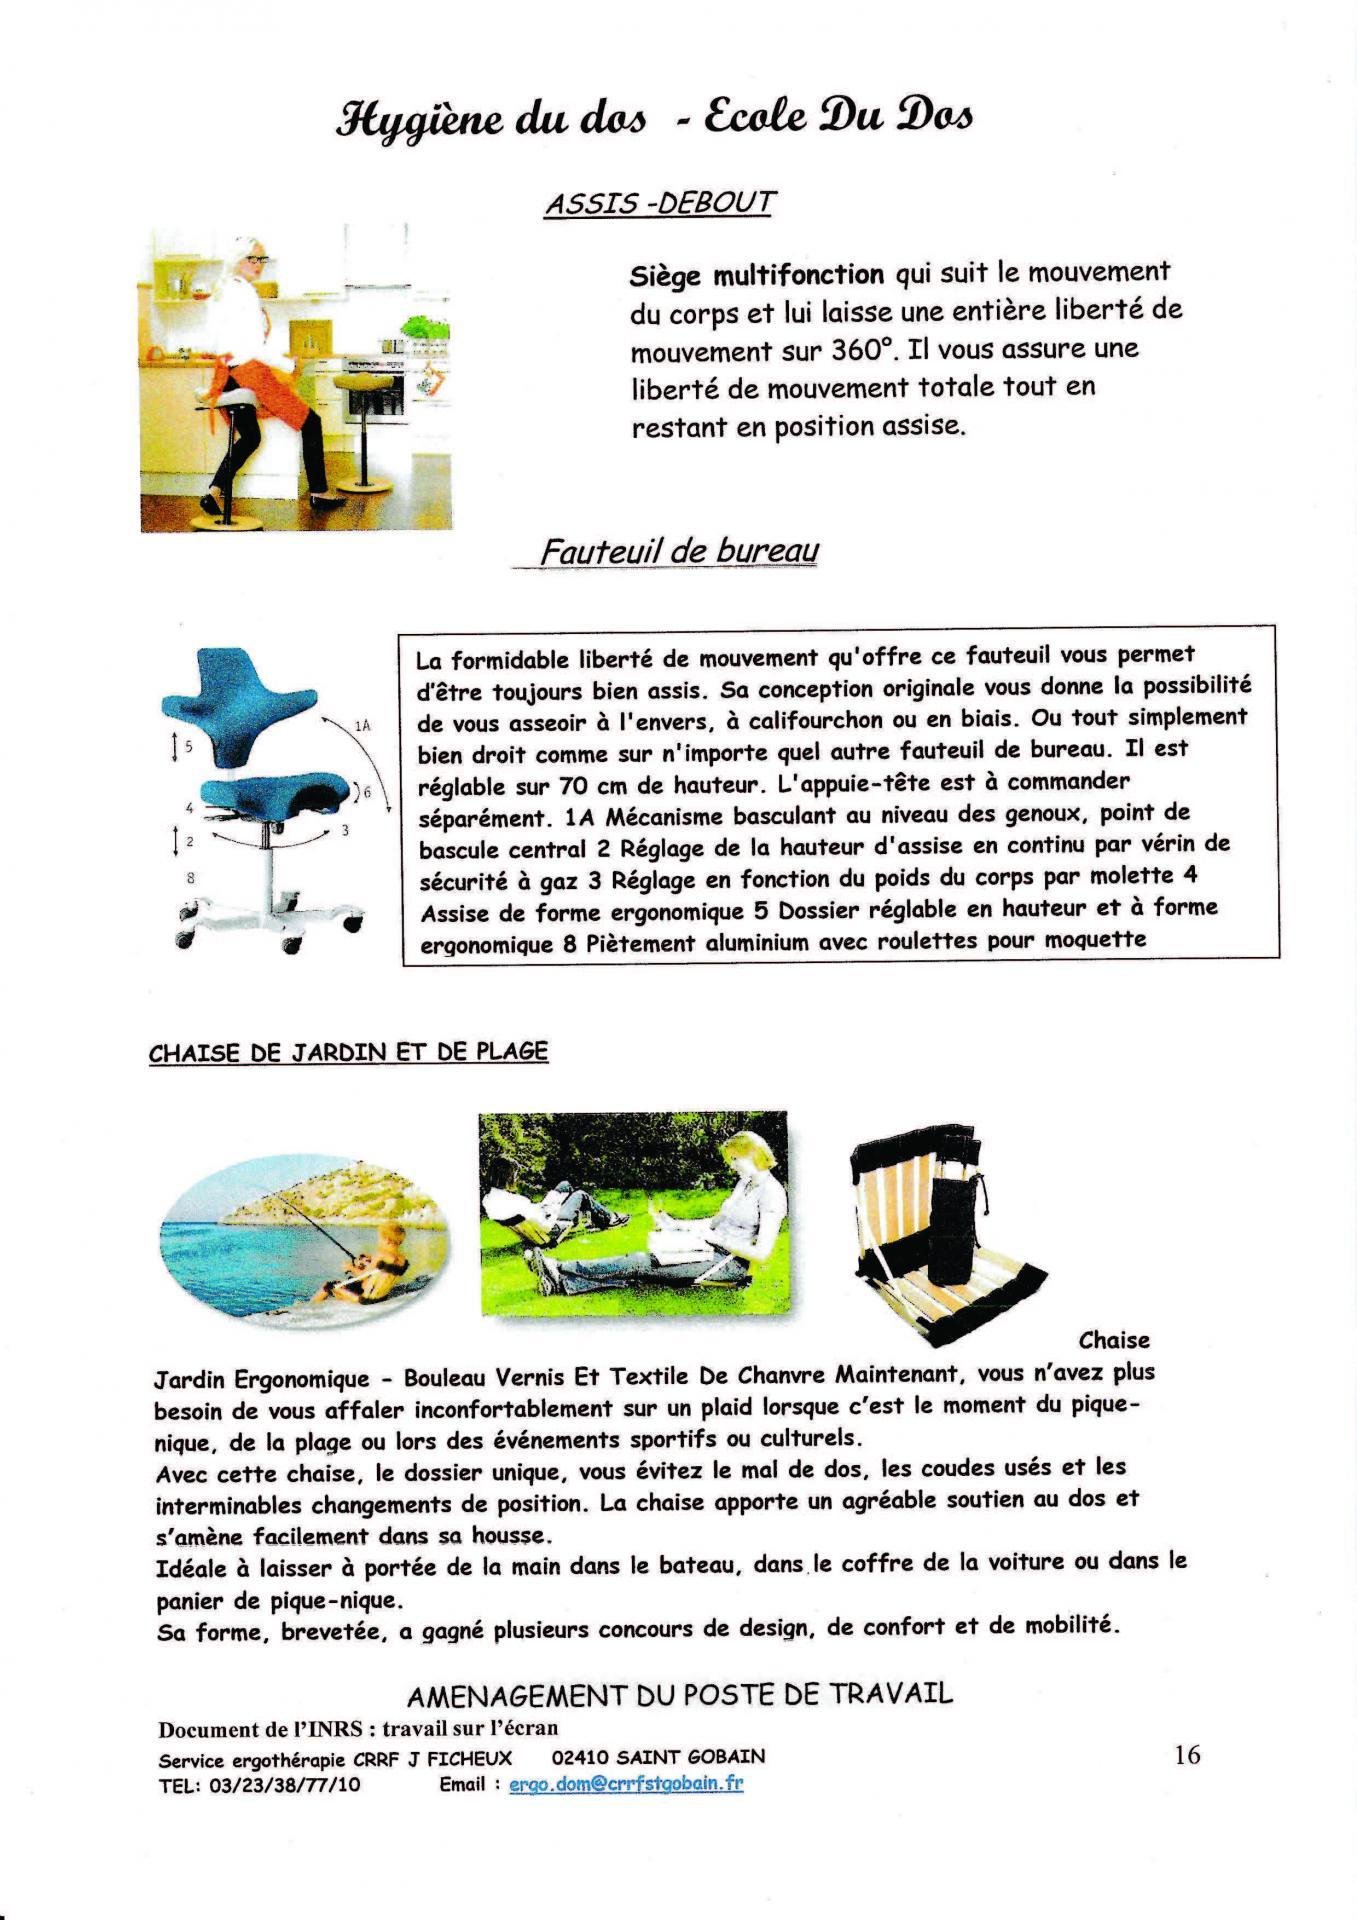 Ecole du dos pdfbis page 16